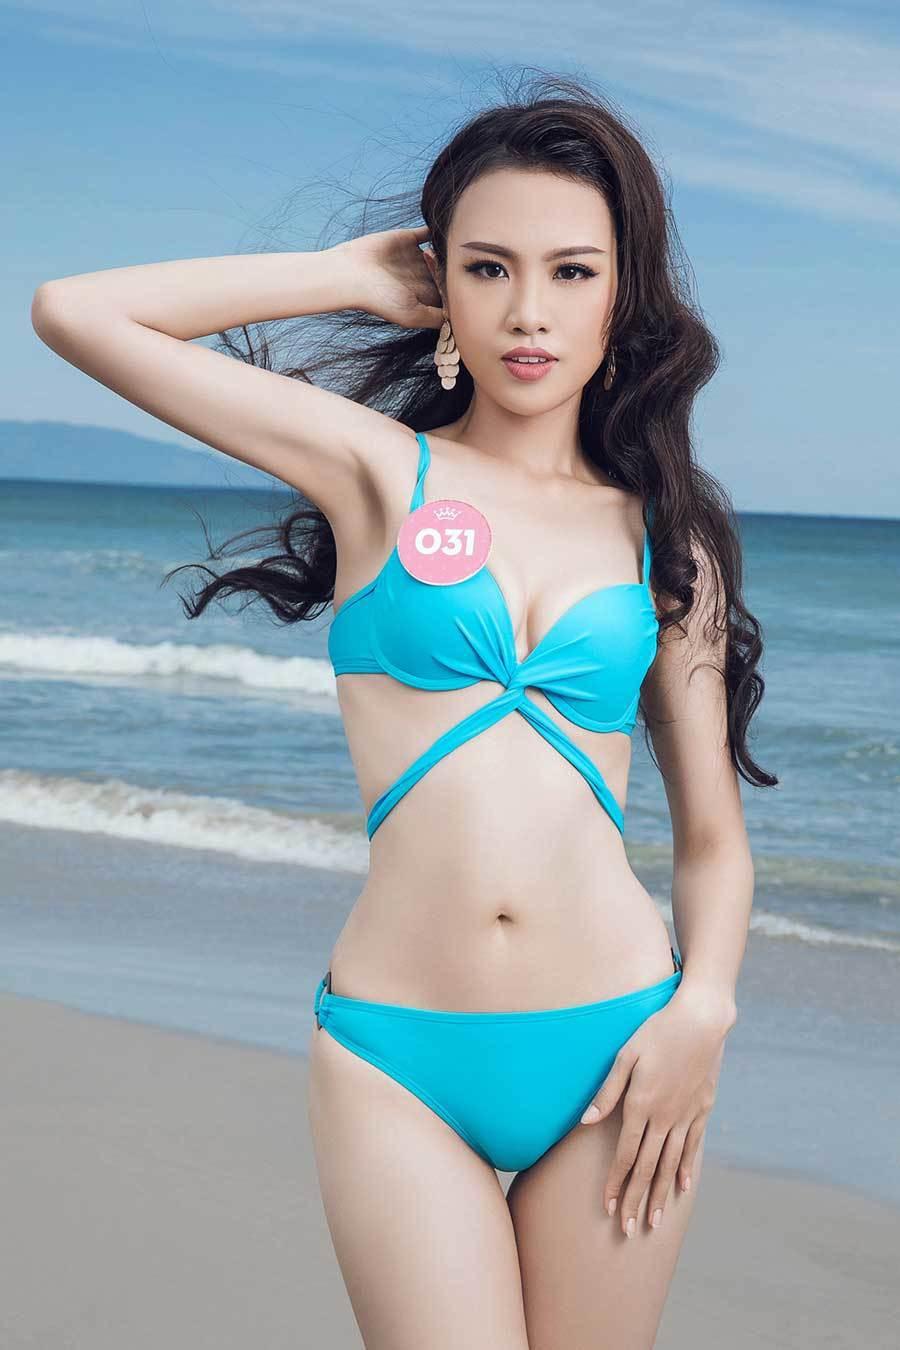 Dàn 'Người đẹp Thể thao' của Hoa hậu Việt Nam: Người là 'kình ngư', người giảm tới 32 kg ảnh 8